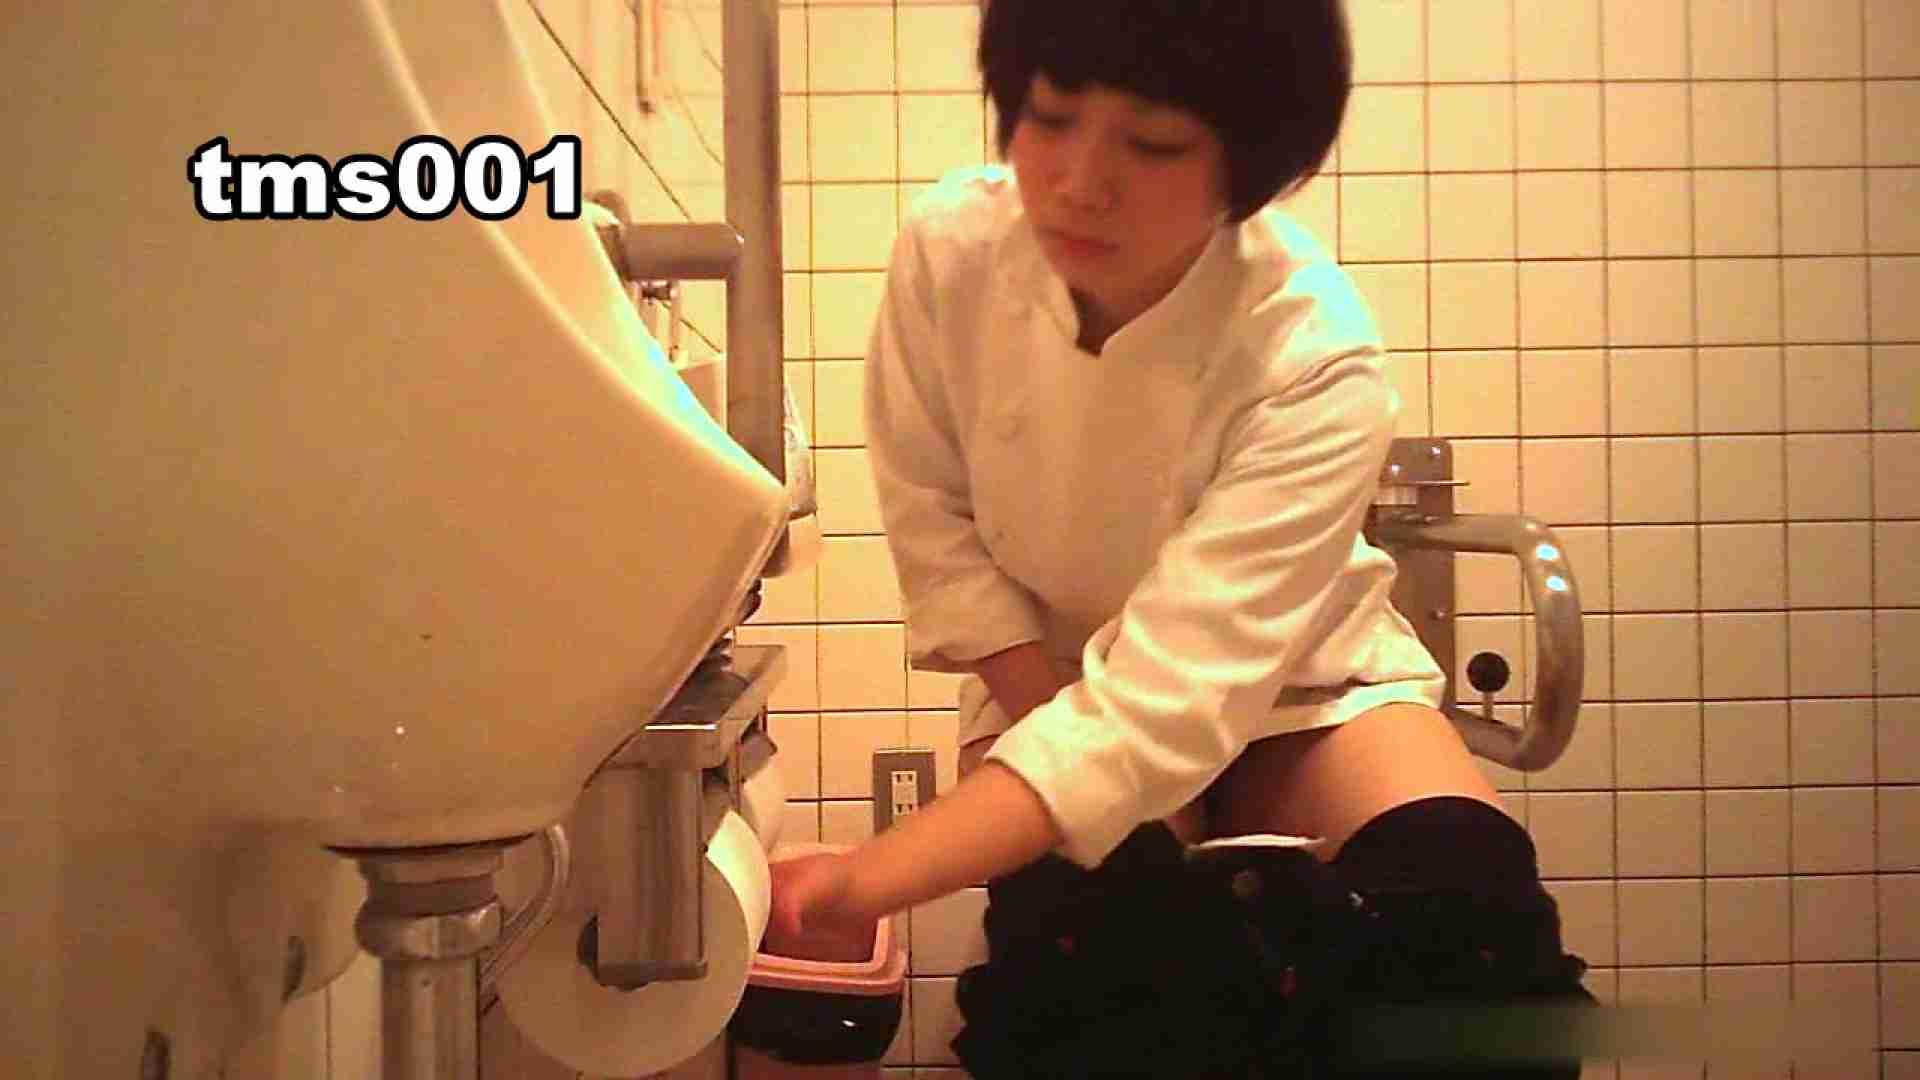 トイメンの割れ目 vol.001 エッチなお姉さん オメコ無修正動画無料 91画像 68